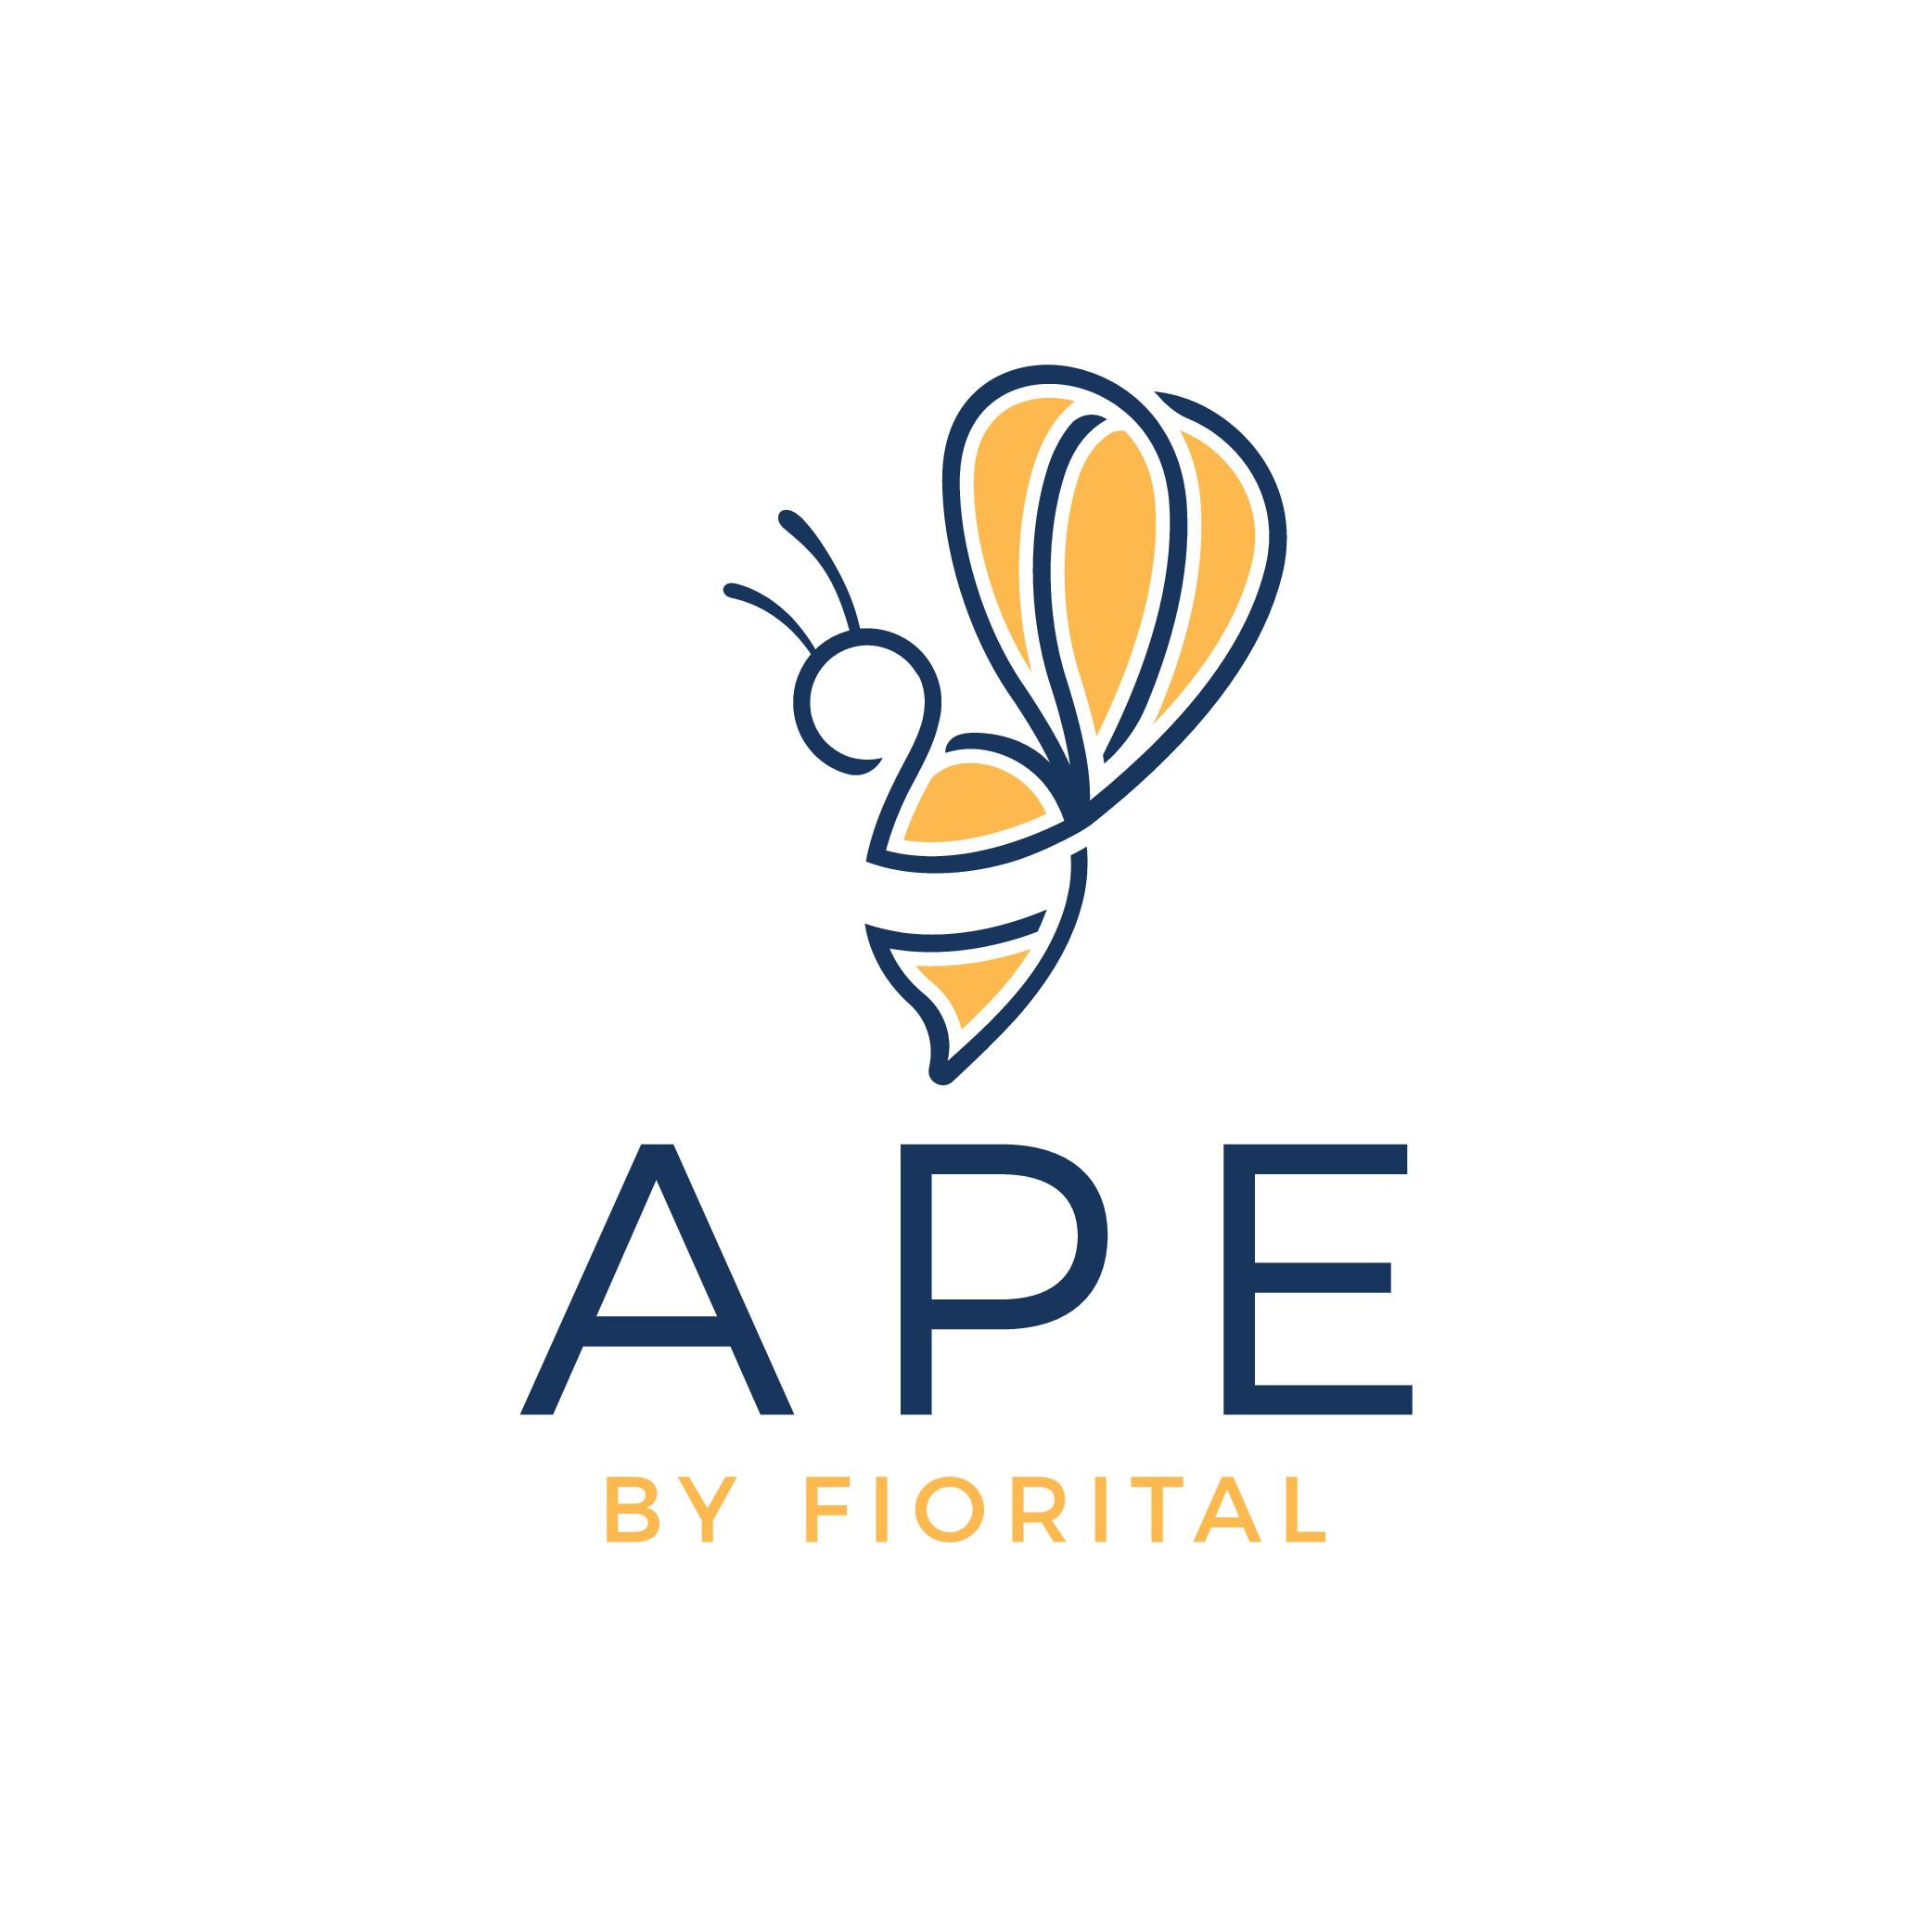 New logo for Ape by Fiorital